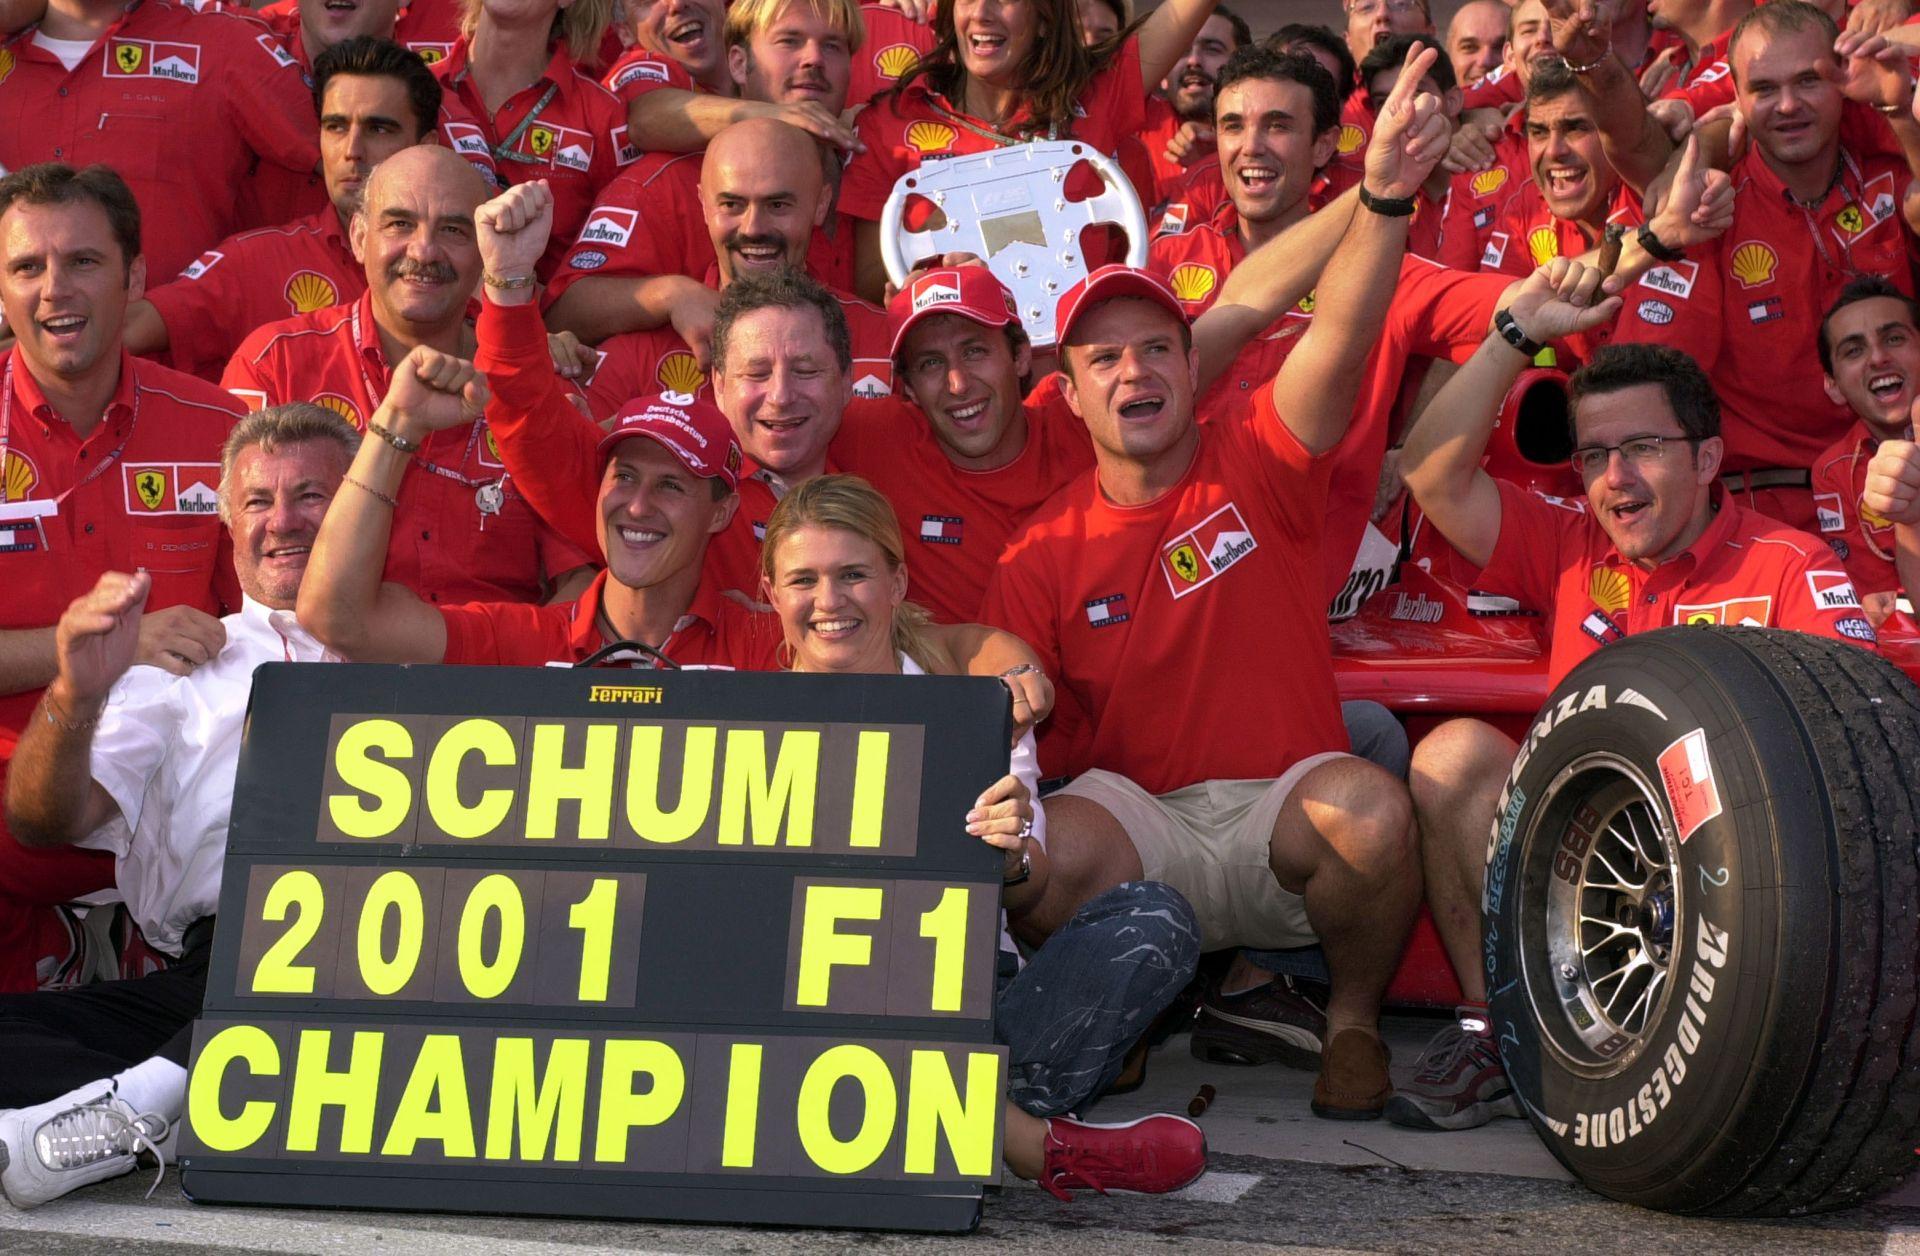 Schumacher 2001-ben éppen ezen a napon nyerte meg a negyedik bajnoki címét a Hungaroringen